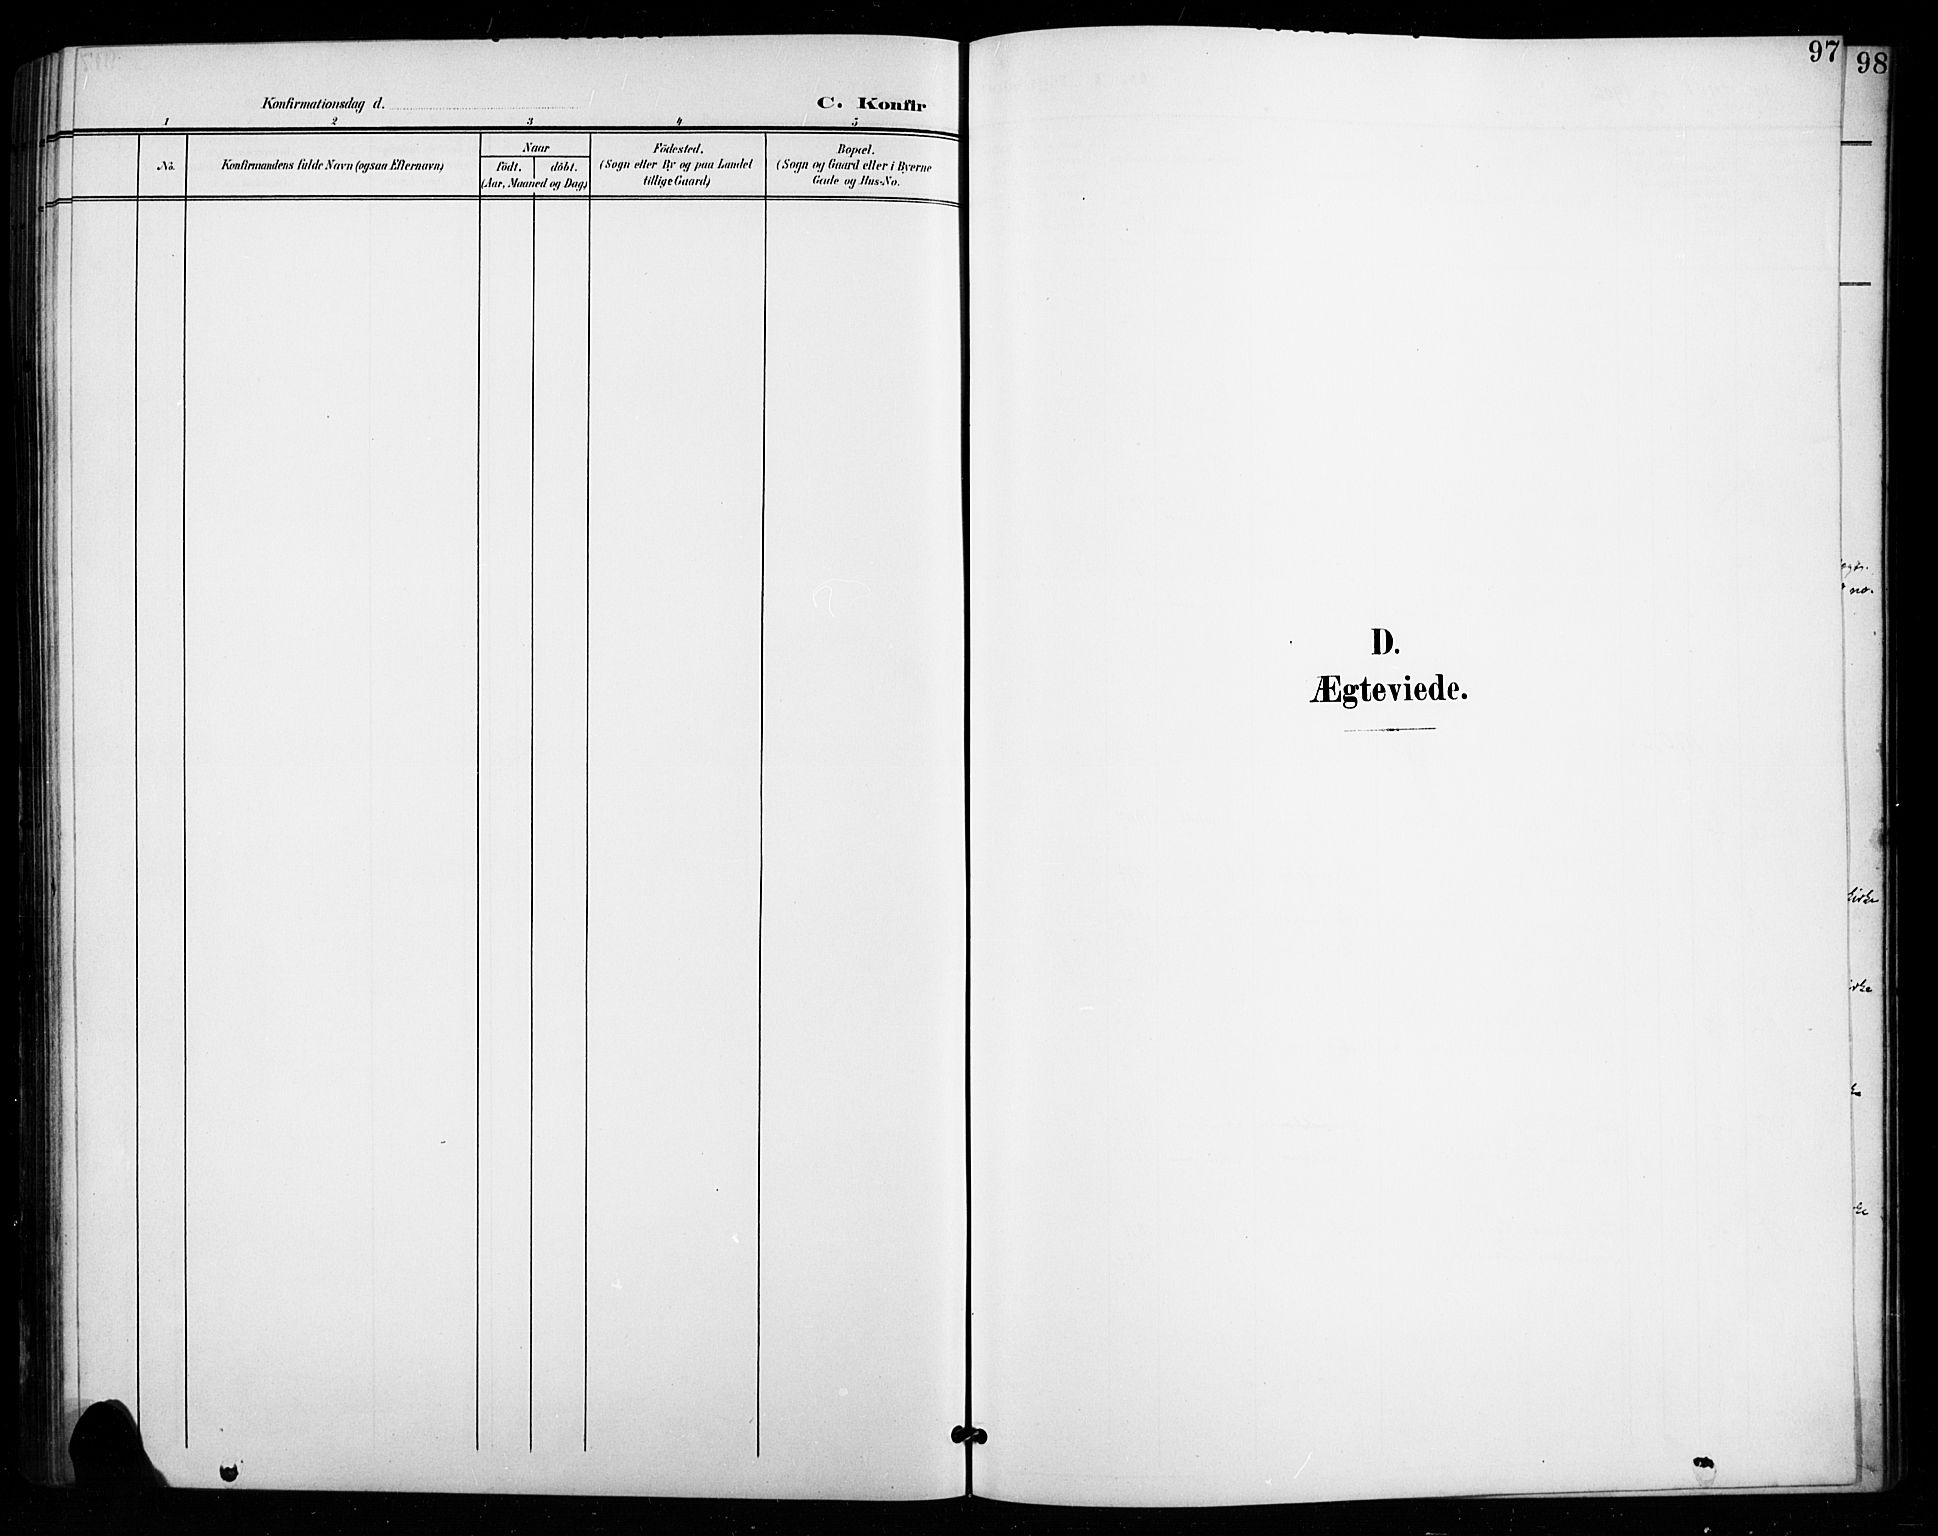 SAH, Vestre Toten prestekontor, H/Ha/Hab/L0016: Klokkerbok nr. 16, 1901-1915, s. 97